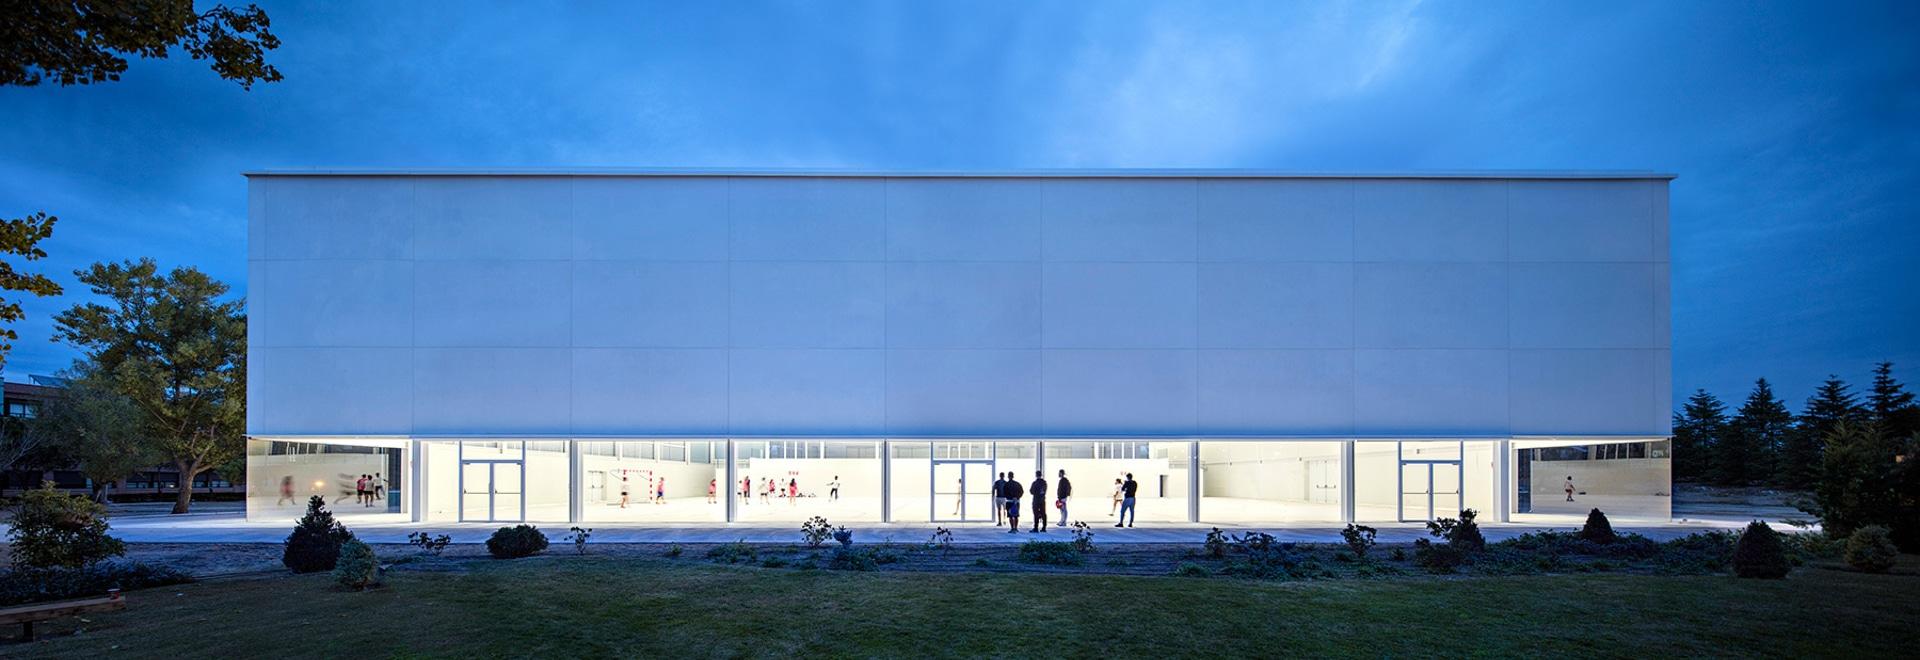 alberto campo baeza makes concrete seem weightless in his multi-sport complex in madrid